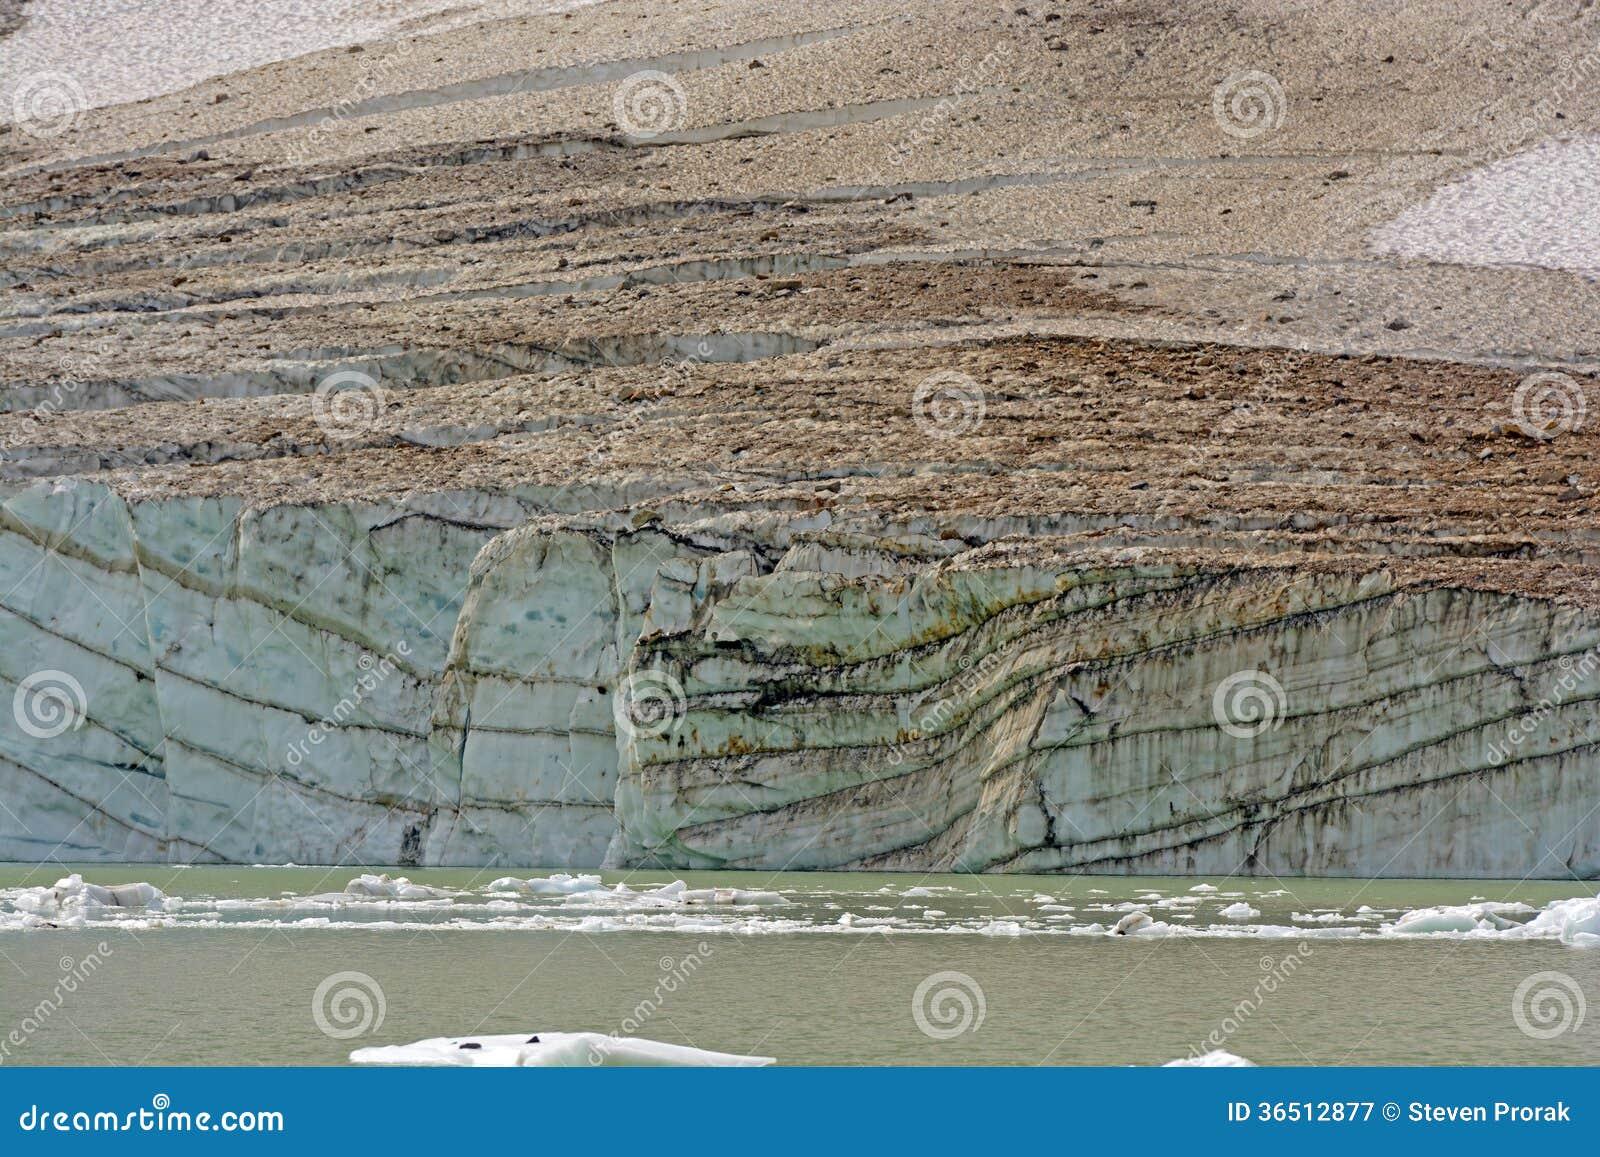 Visage glaciaire de glace sur un lac glaciaire